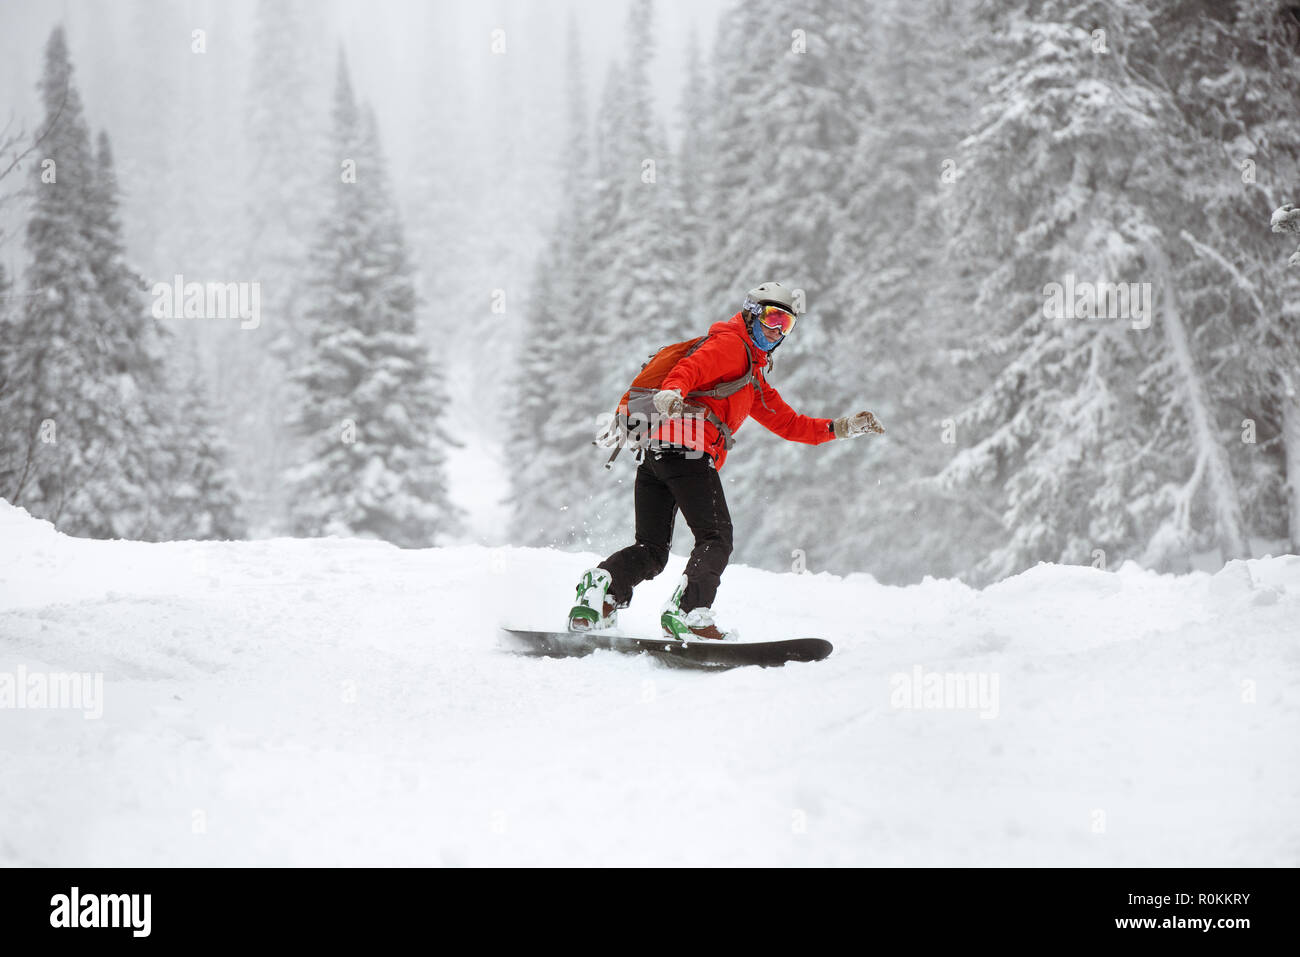 Snowboarder at offpiste slope in forest. Ski resort - Stock Image